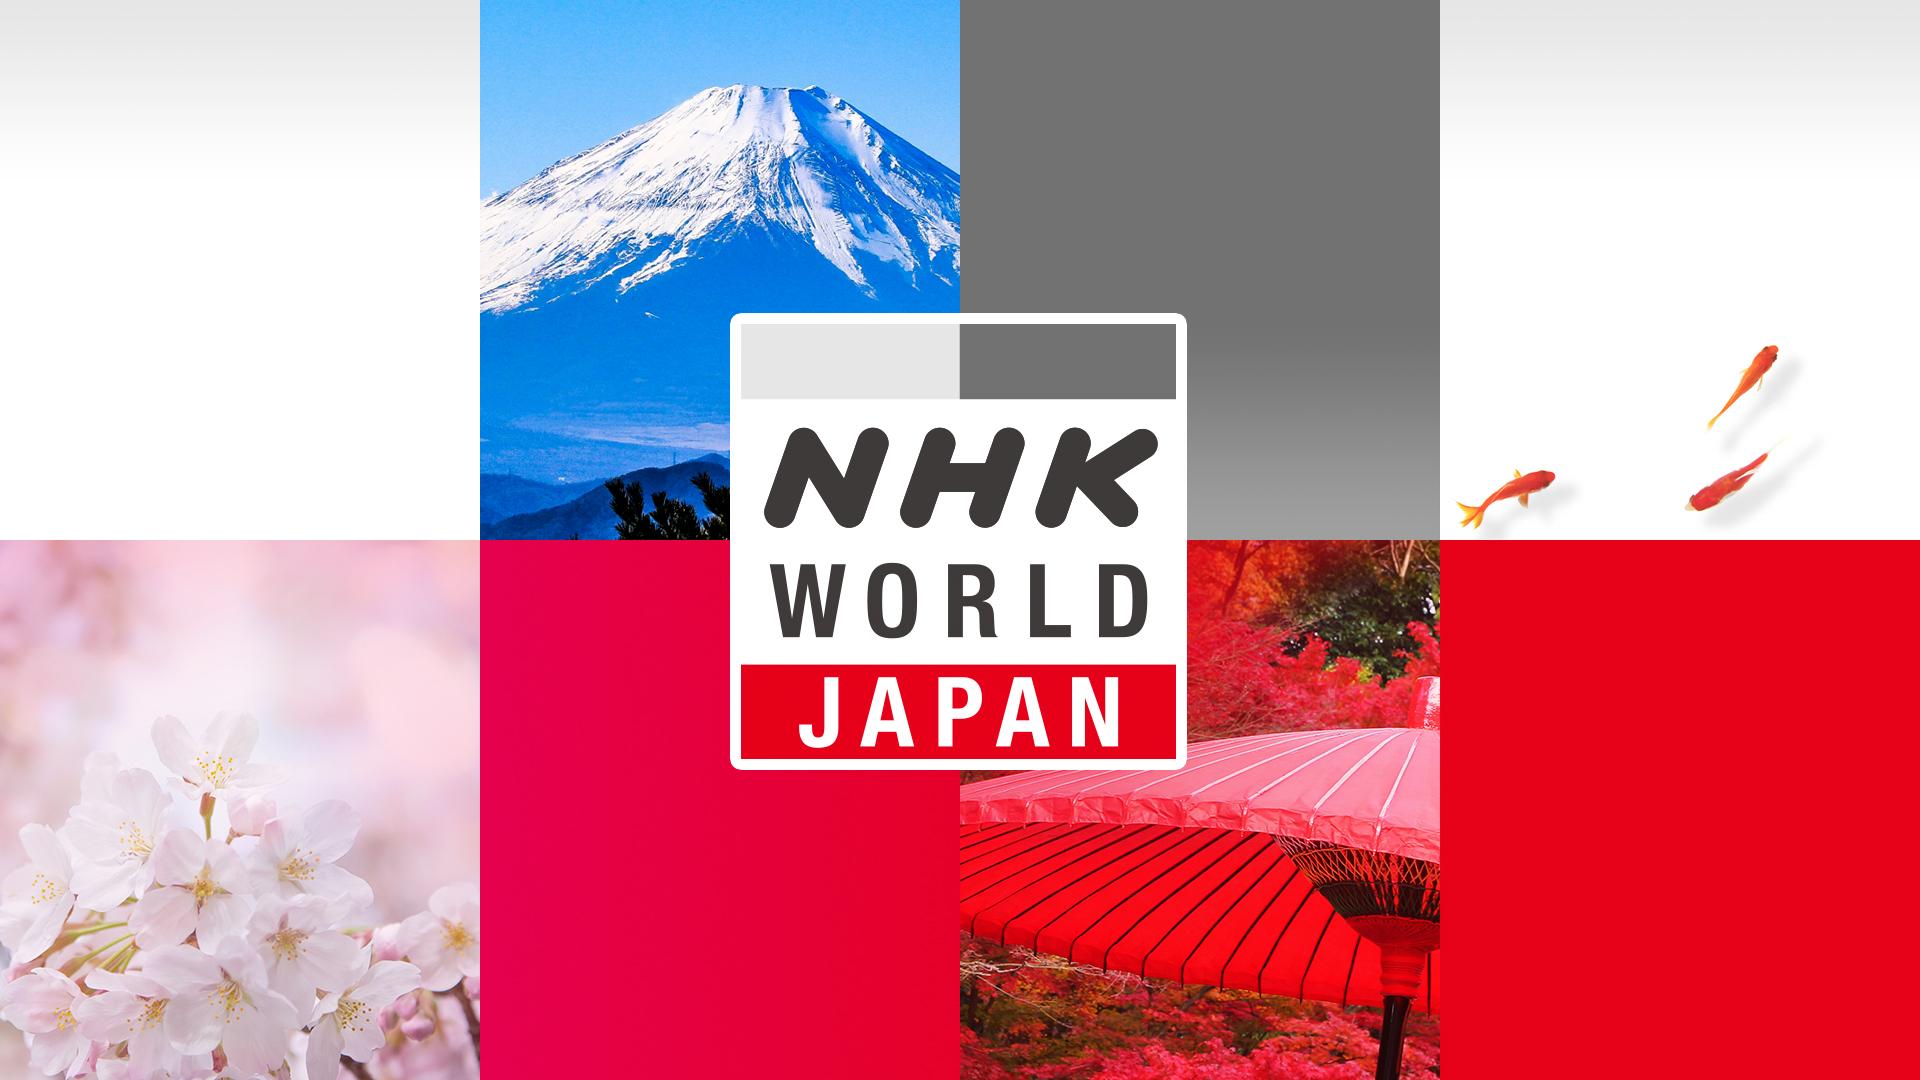 NHK WORLD-JAPAN - NHKの国際サービス